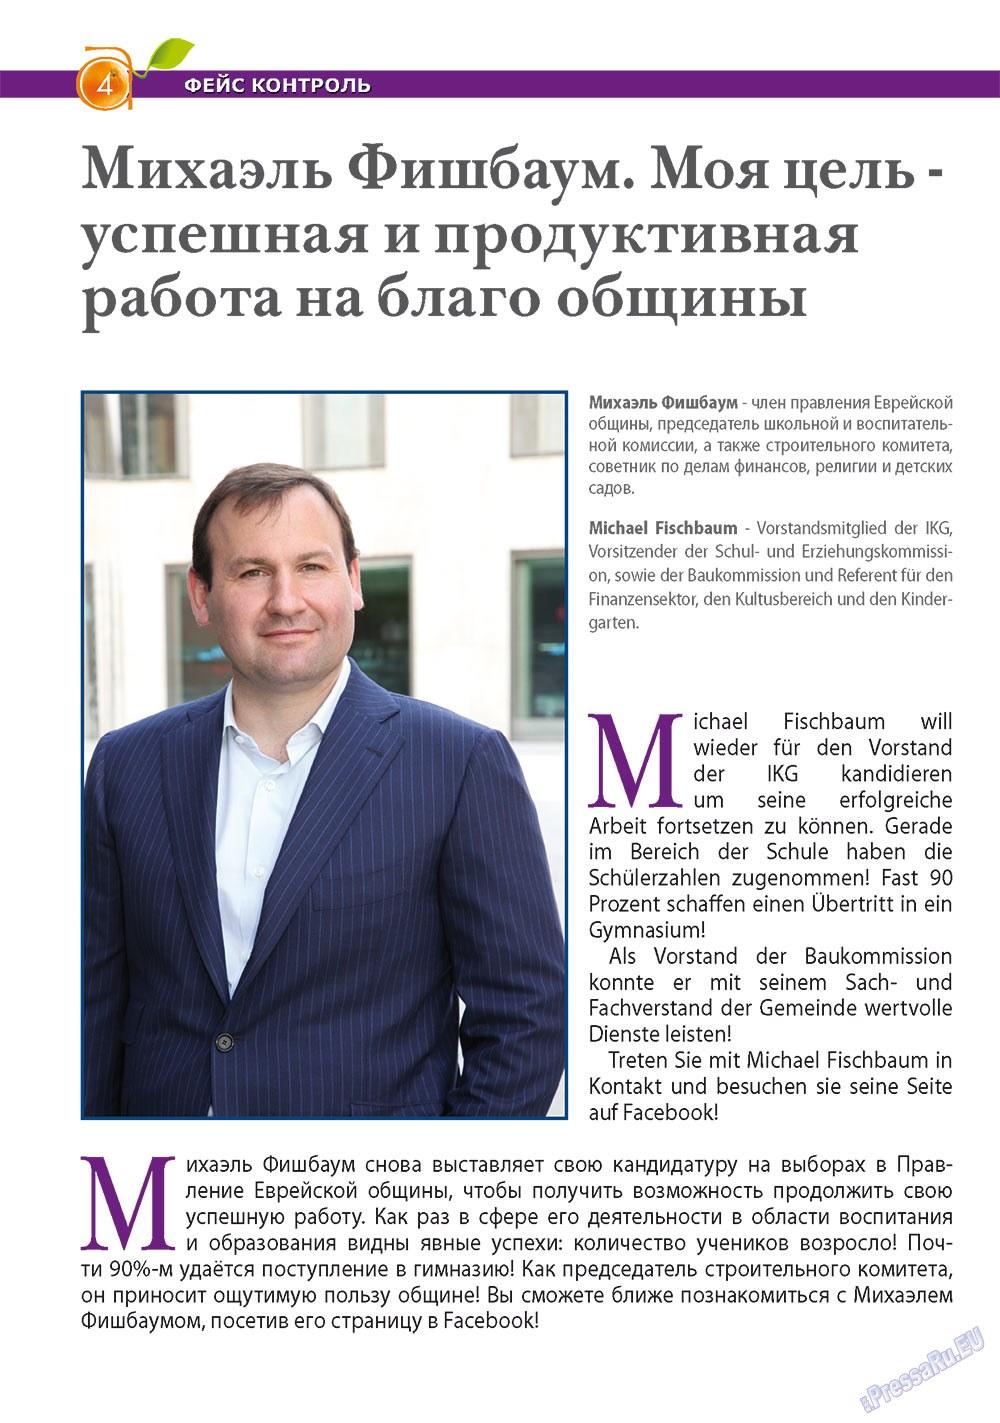 Апельсин (журнал). 2012 год, номер 35, стр. 4